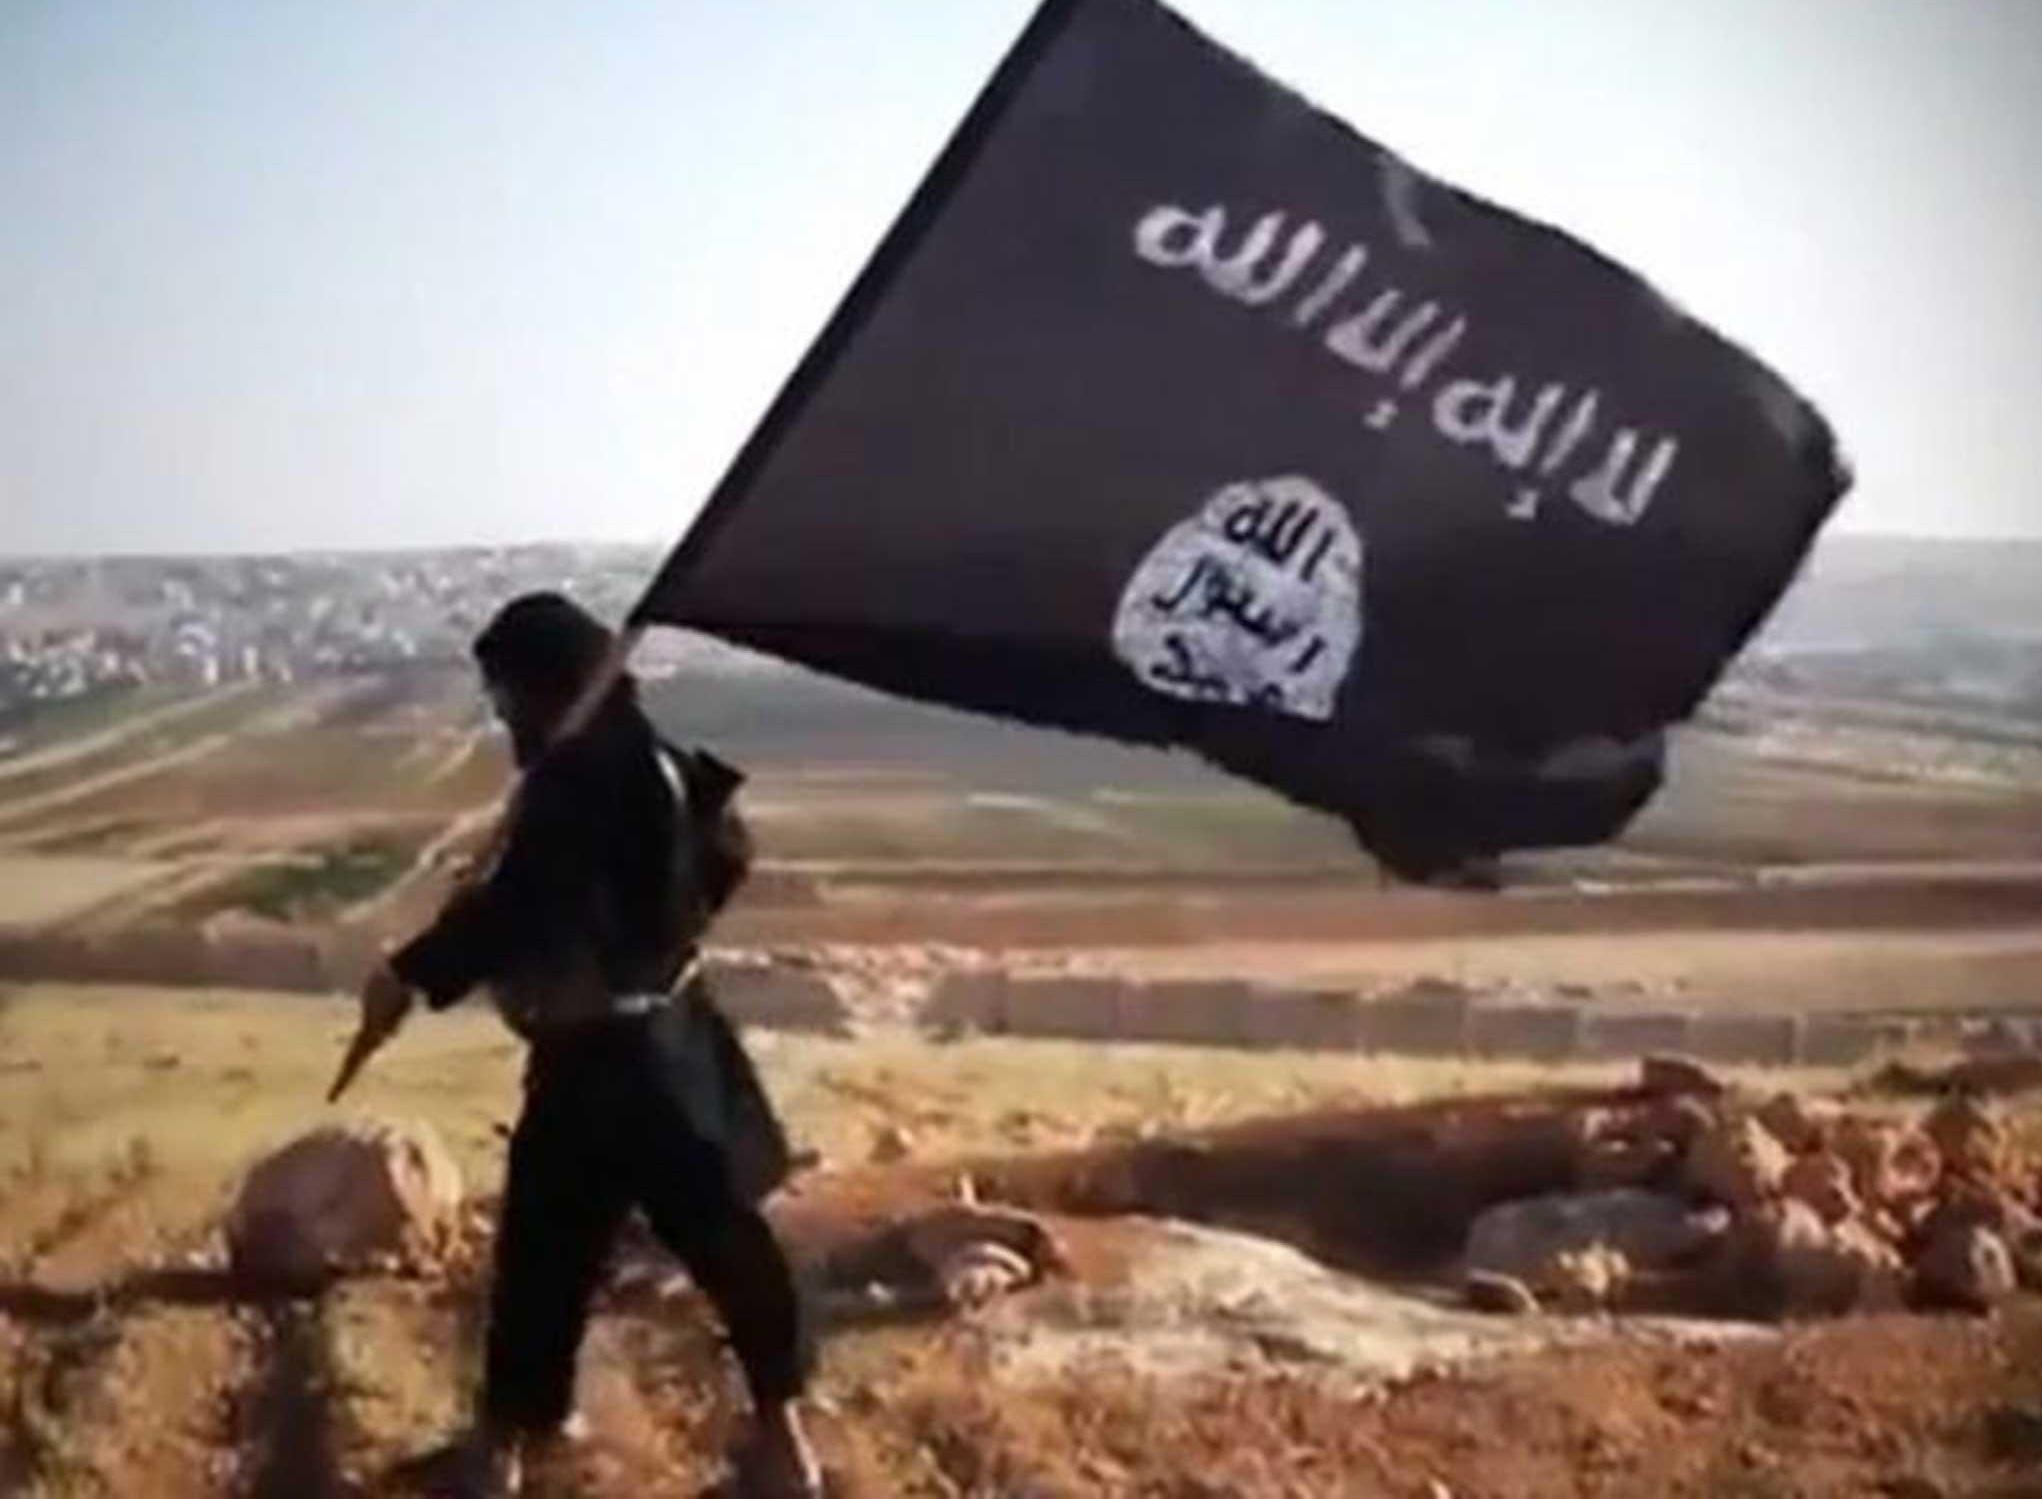 فوری: داعش مسئولیت حمله به رژه اهواز را به عهده گرفت